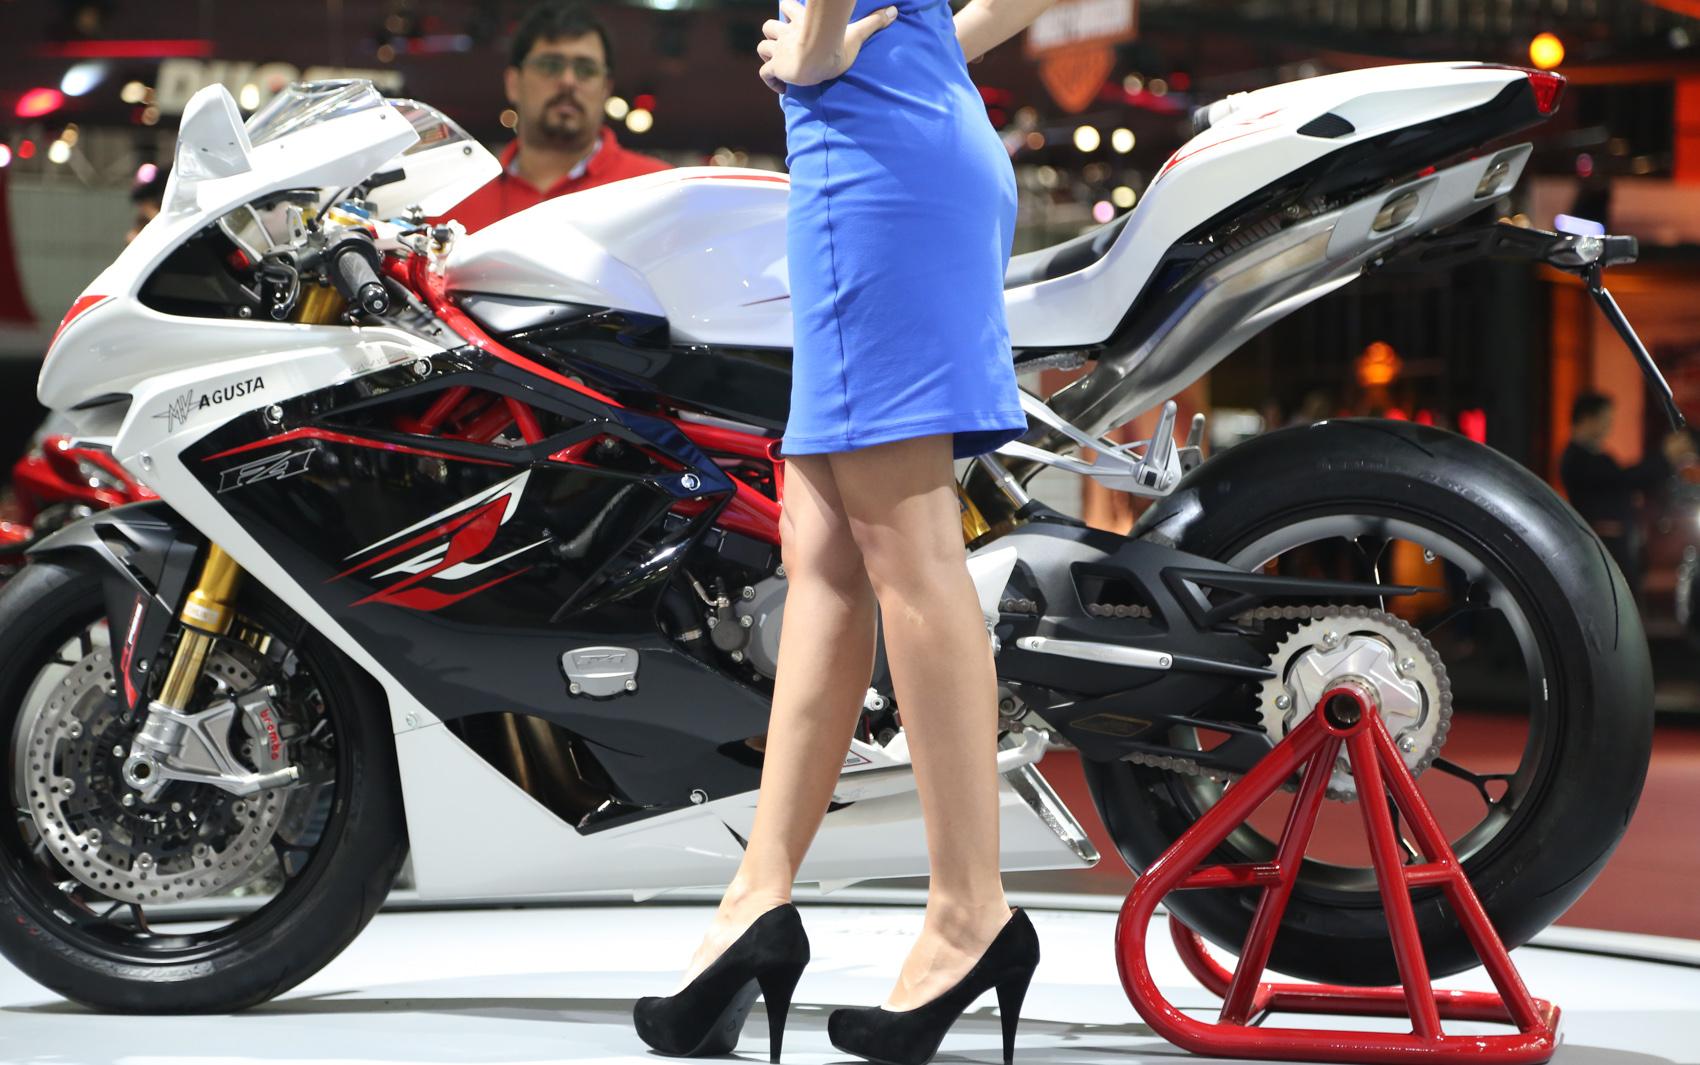 Musas embelezam os estandes posando com as motos apresentadas no Salão Duas Rodas 2013